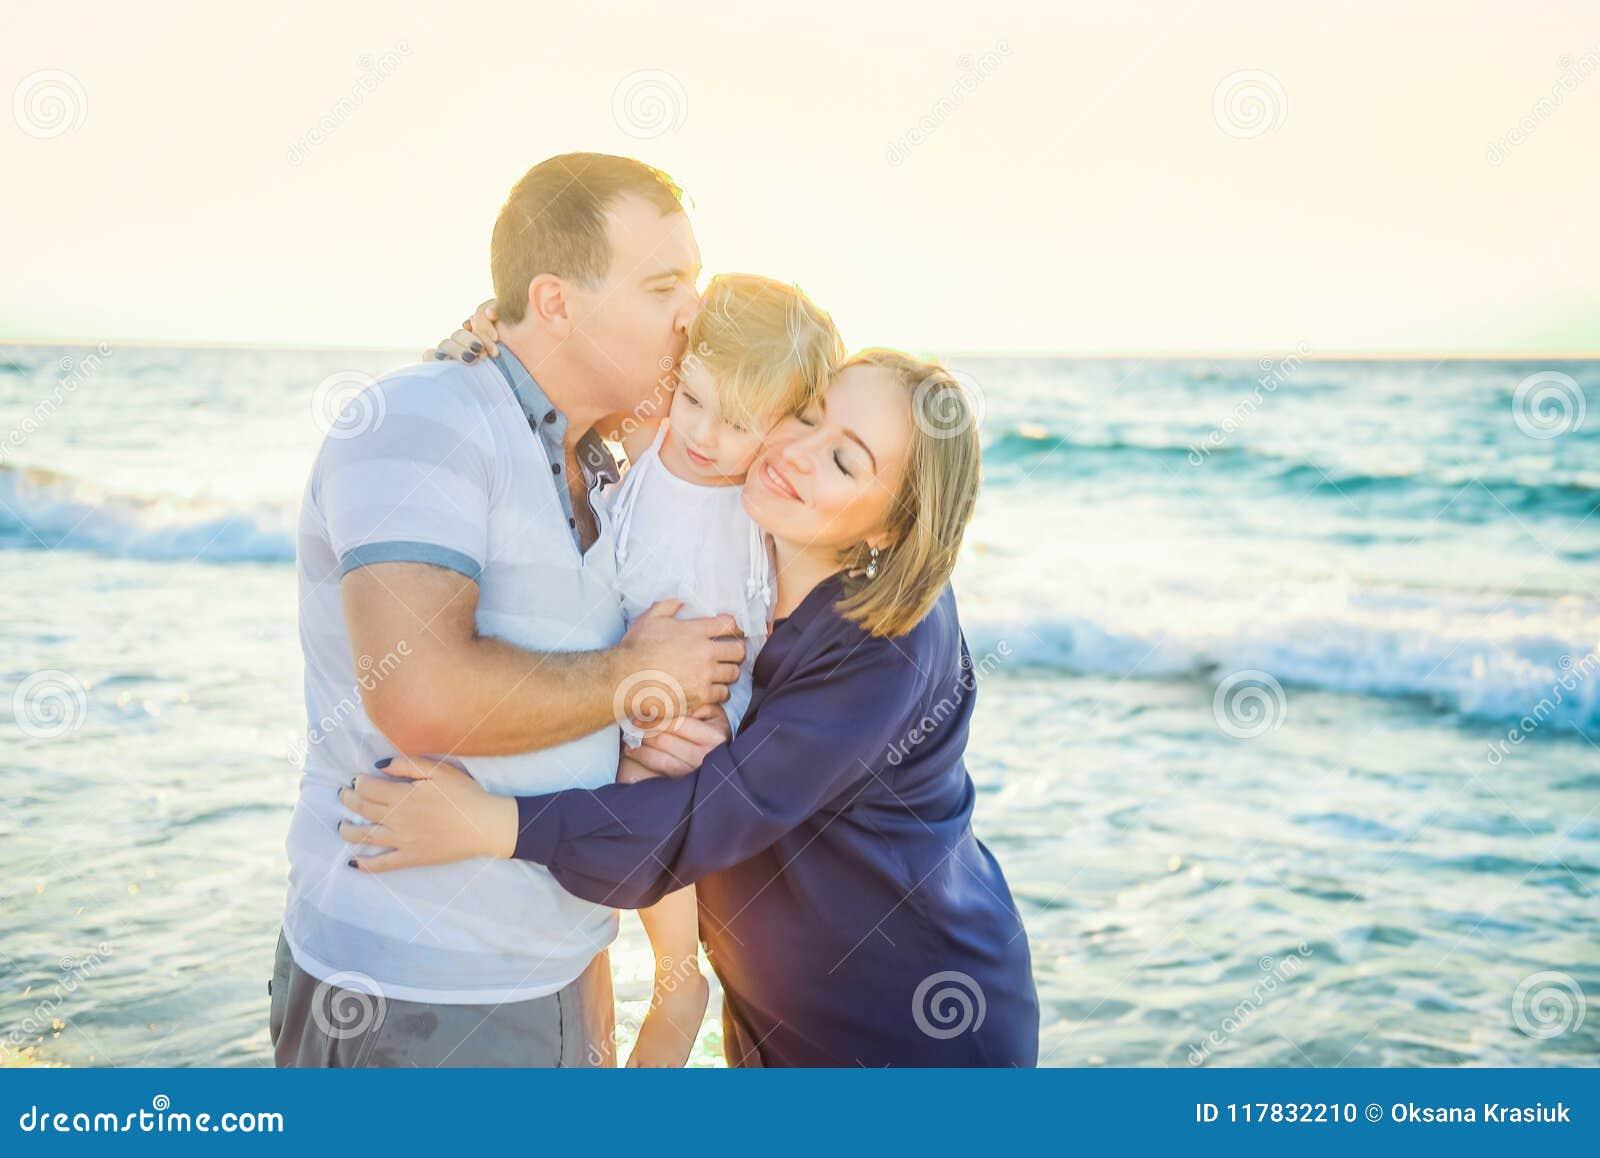 padre e figlio dating madre e figlia Under 18 dating UK